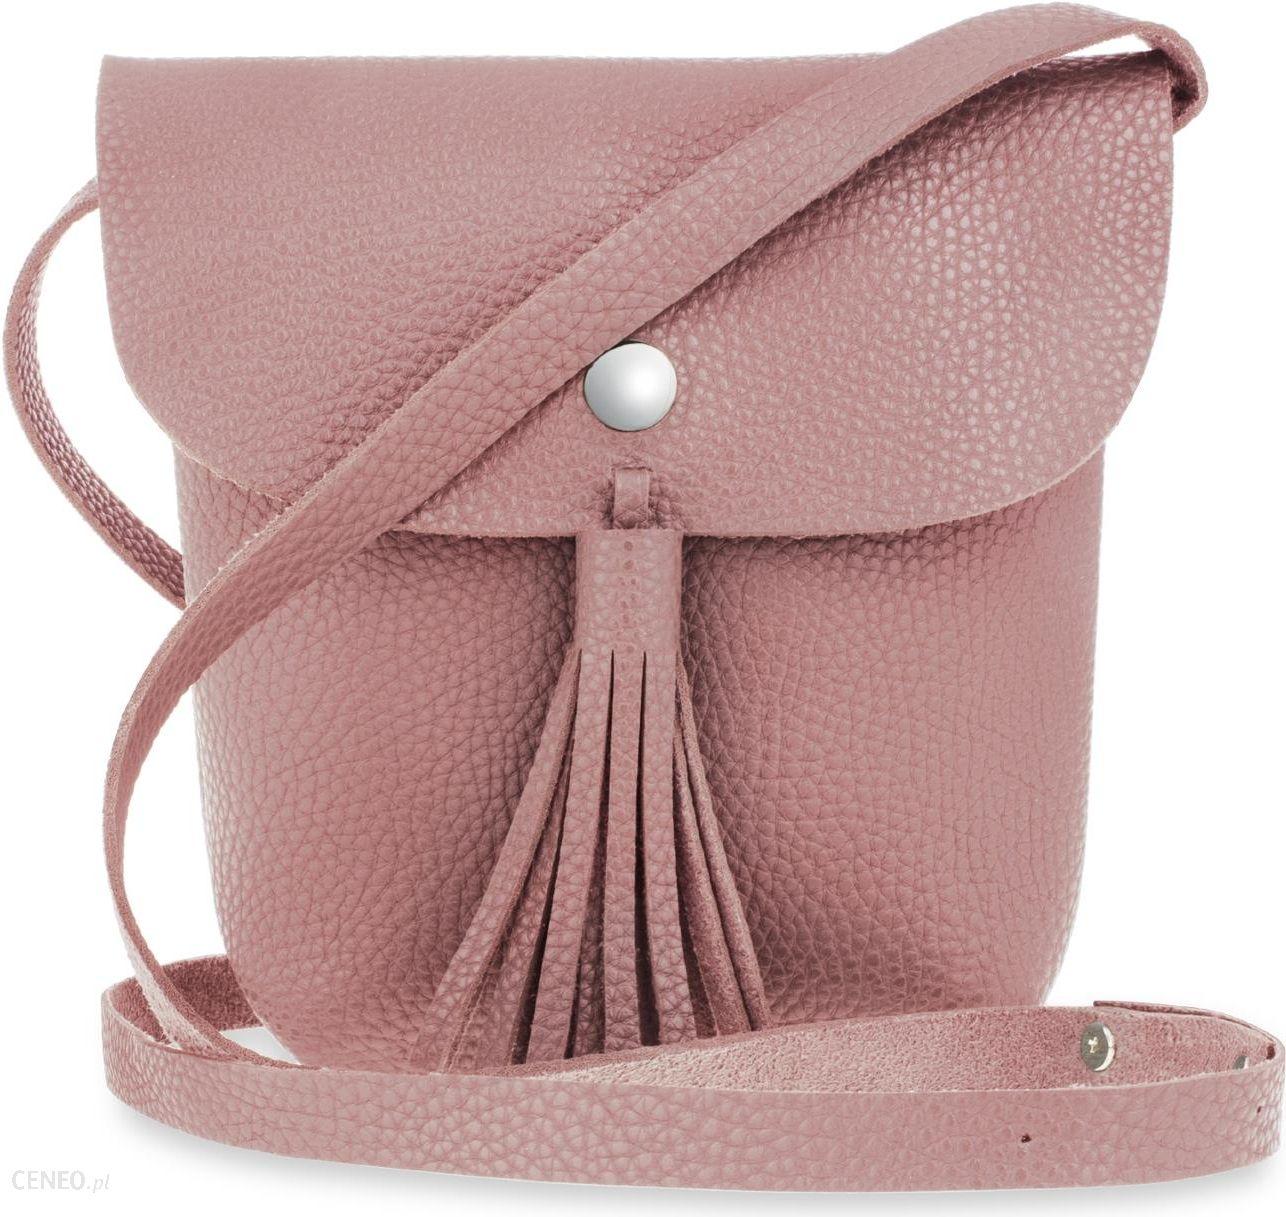 77d4d1c86083e Listonoszka boho mała torebka damska z frędzlami i klapką – różowy -  zdjęcie 1